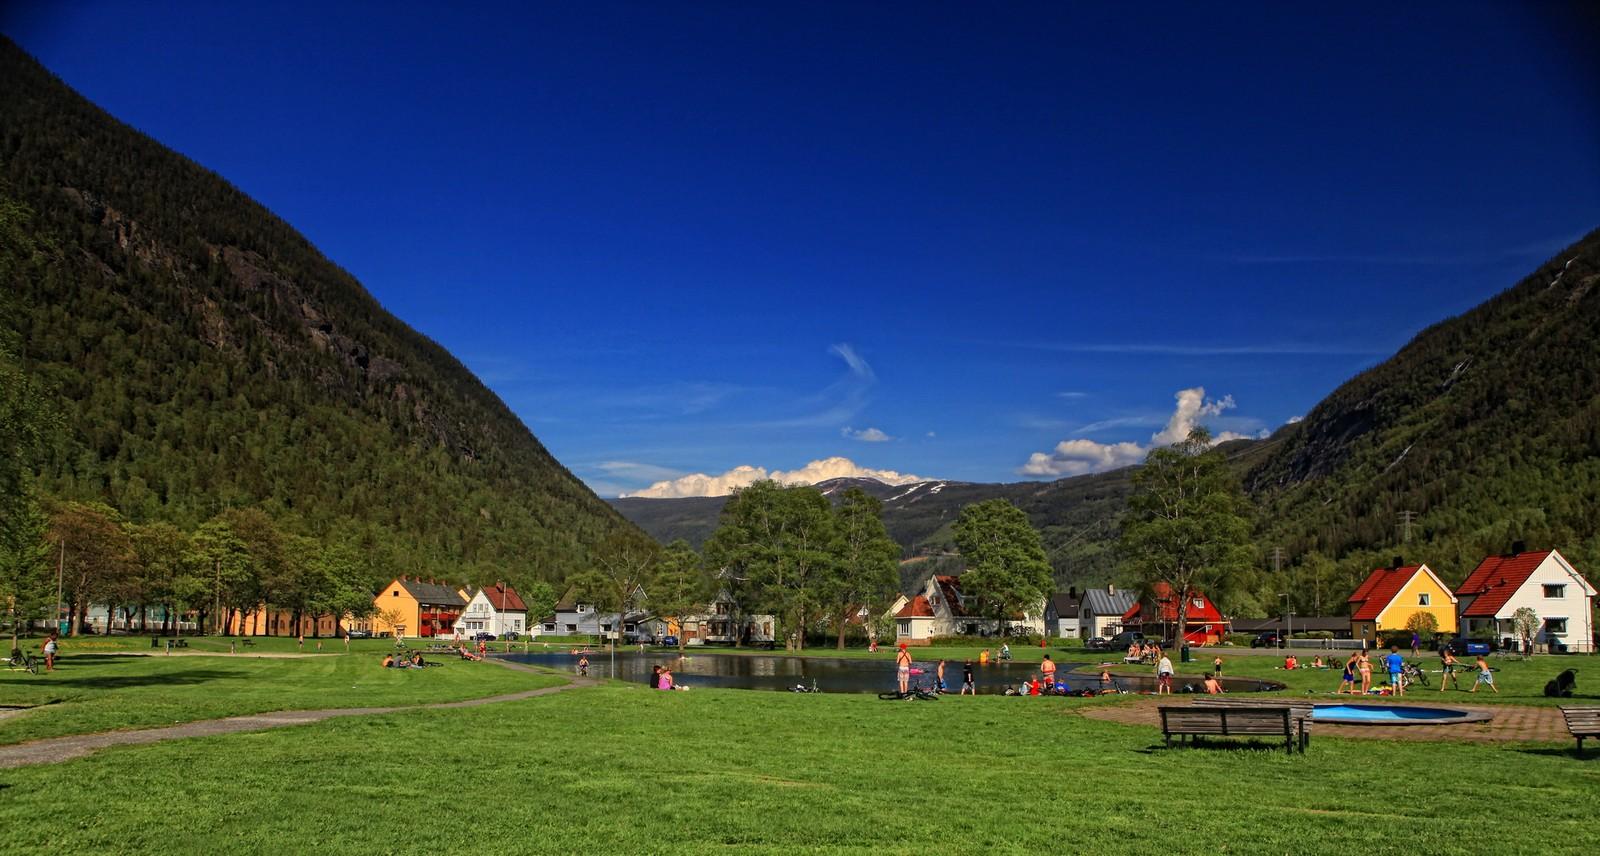 TVEITOTJERNET PÅ RJUKAN: Det er en populær og trivelig badeplass ikke langt fra Rjukan sentrum. Her er mye plass å boltre seg på både for store og små, unge som gamle. En liten perle ikke langt fra Rjukan sentrum, skriver Hans-Dieter Fleger i sin begrunnelse.